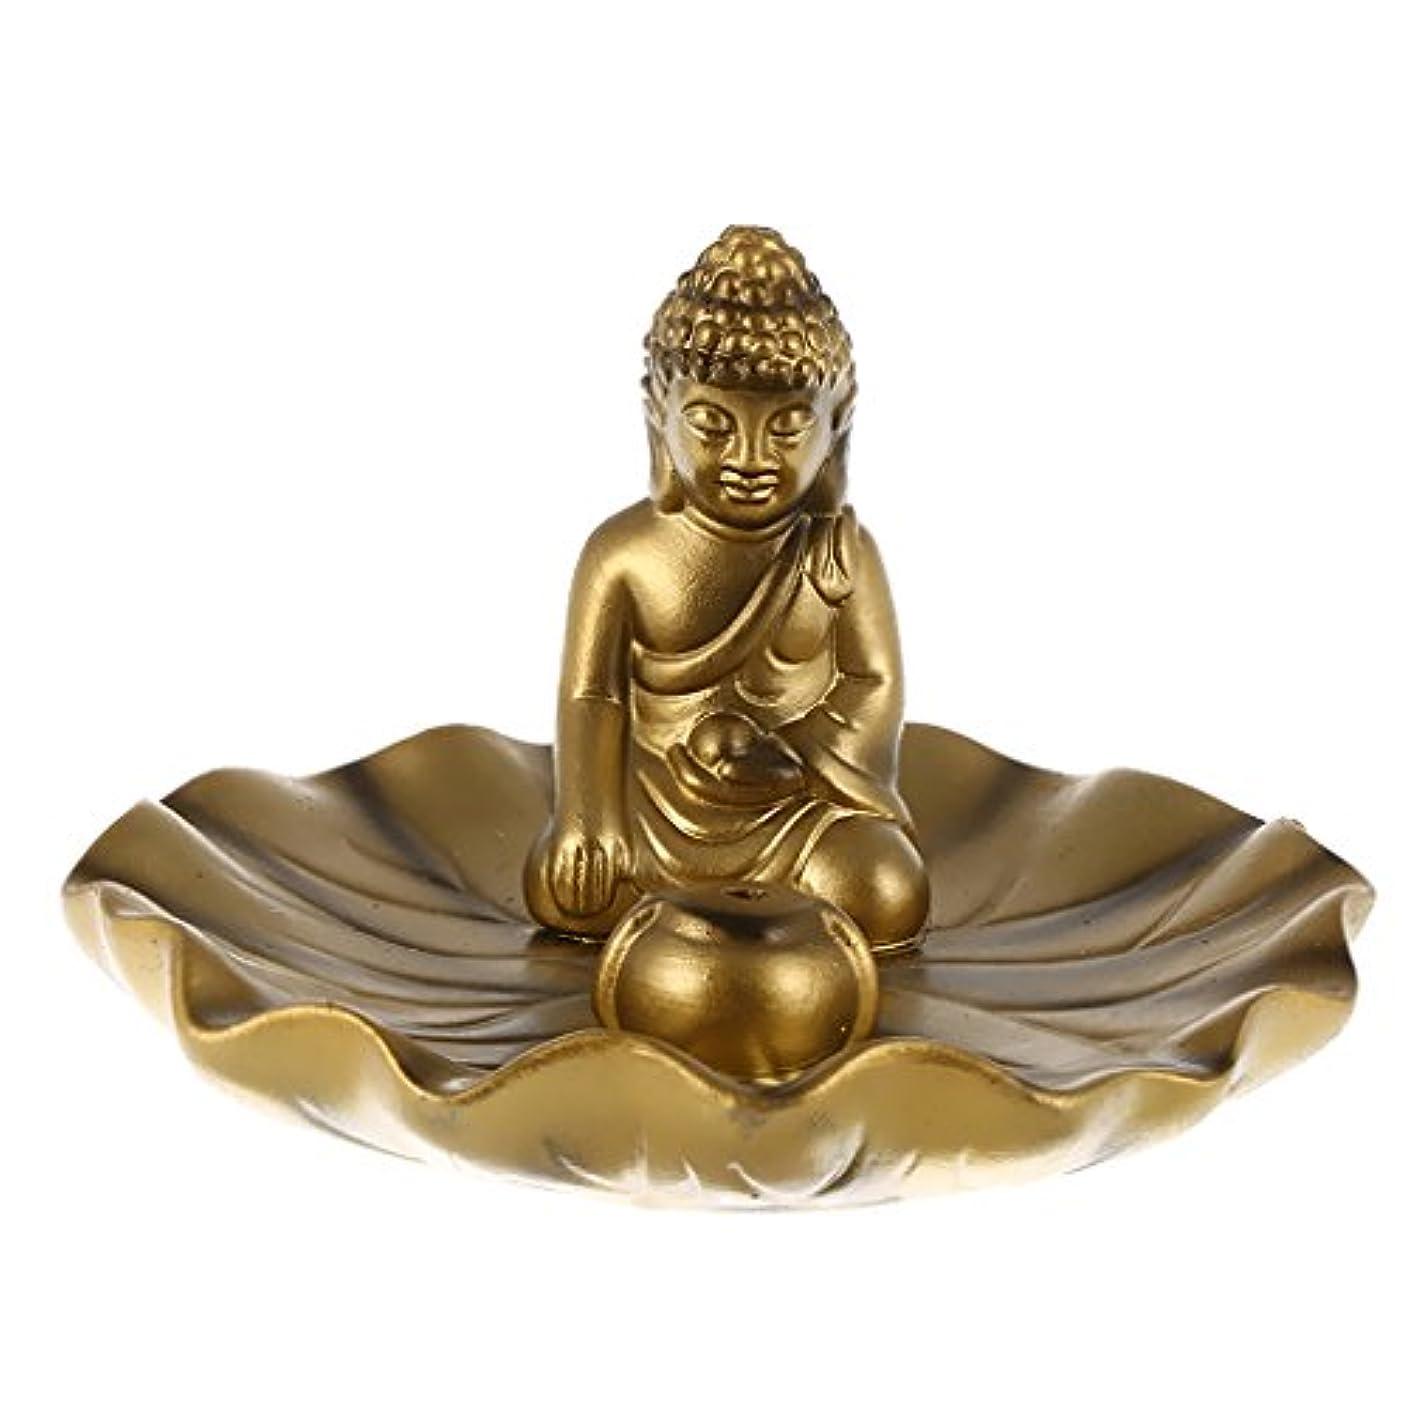 高尚な悲しむ変数monkeyjackアンティーク中国スタイルMeditating Buddha Statue Incenseお香バーナーホルダーラウンドプレートホーム装飾 12.5x8cm ゴールド 451abb99ca509582d1ac598f12cb379e